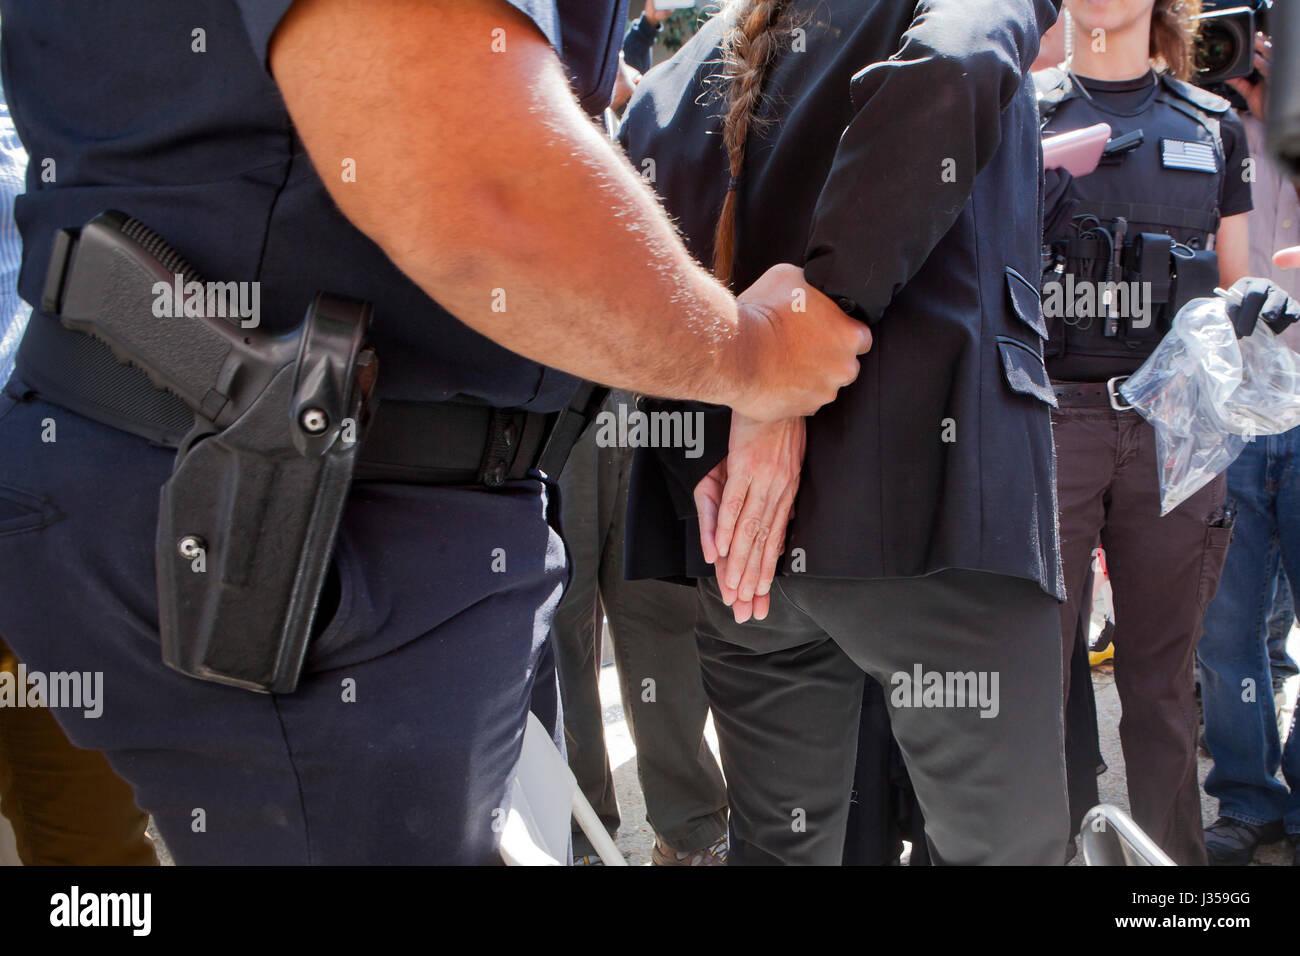 Donna di essere arrestato e ammanettato dalla polizia - USA Immagini Stock